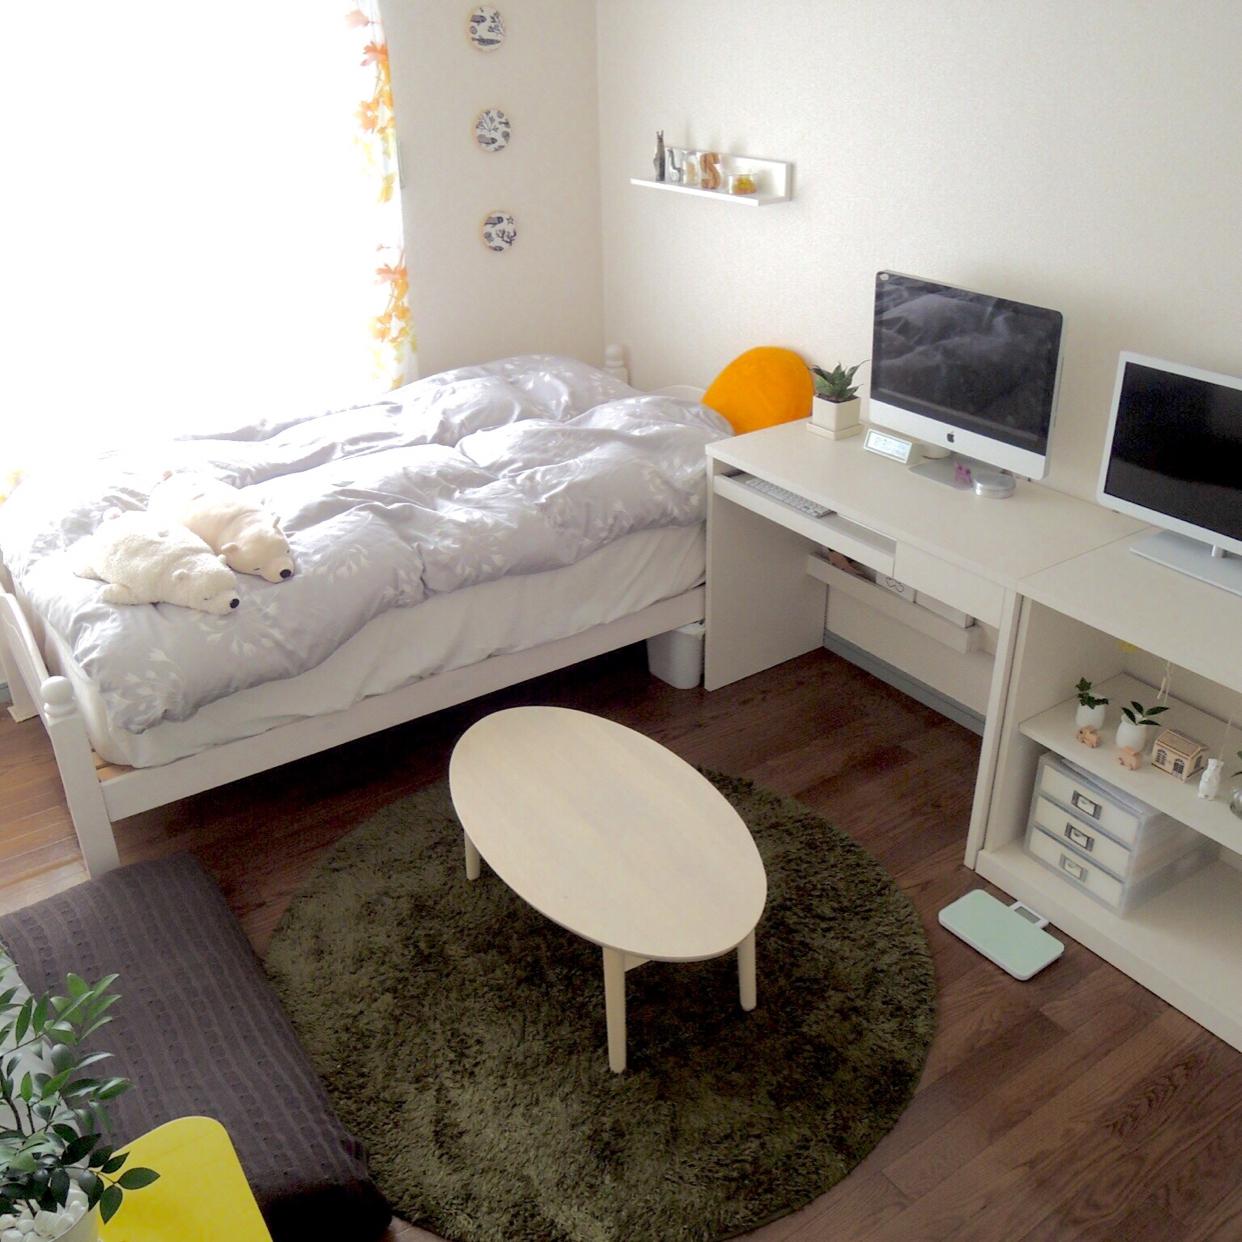 簡単にできる運気アップ ワンルームに住む際におすすめの風水のサムネイル画像